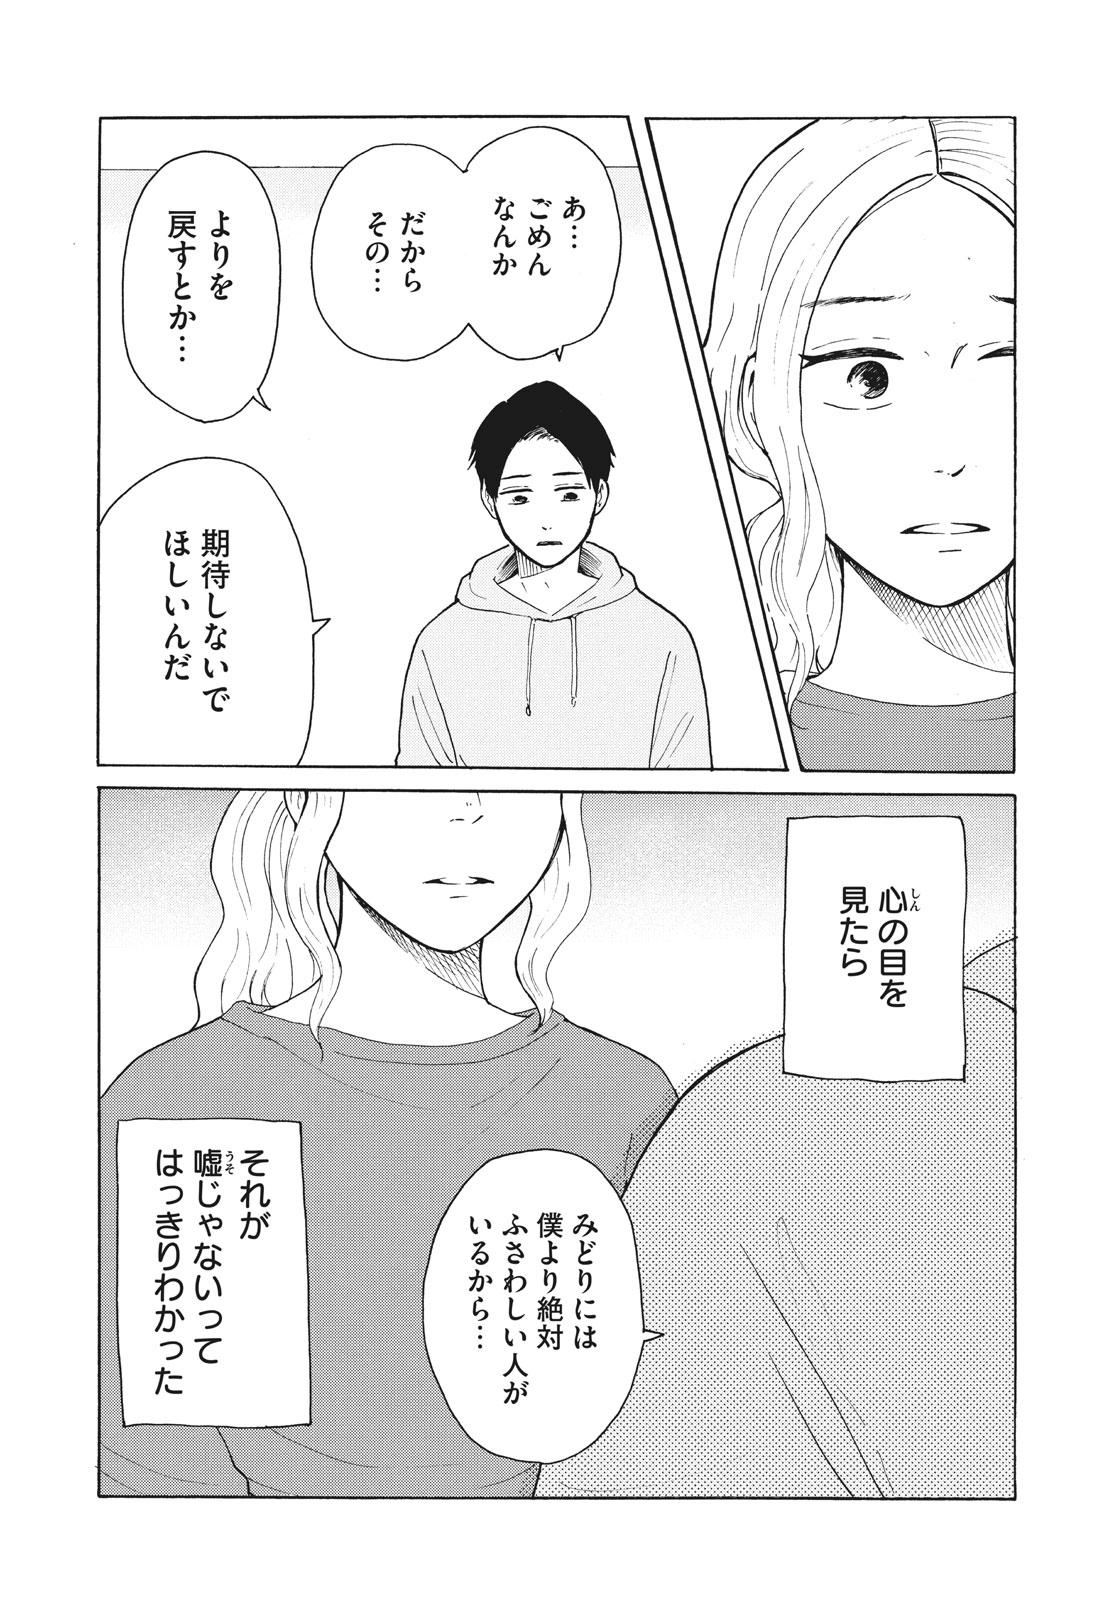 008_30譌・_2020_009_E.jpg